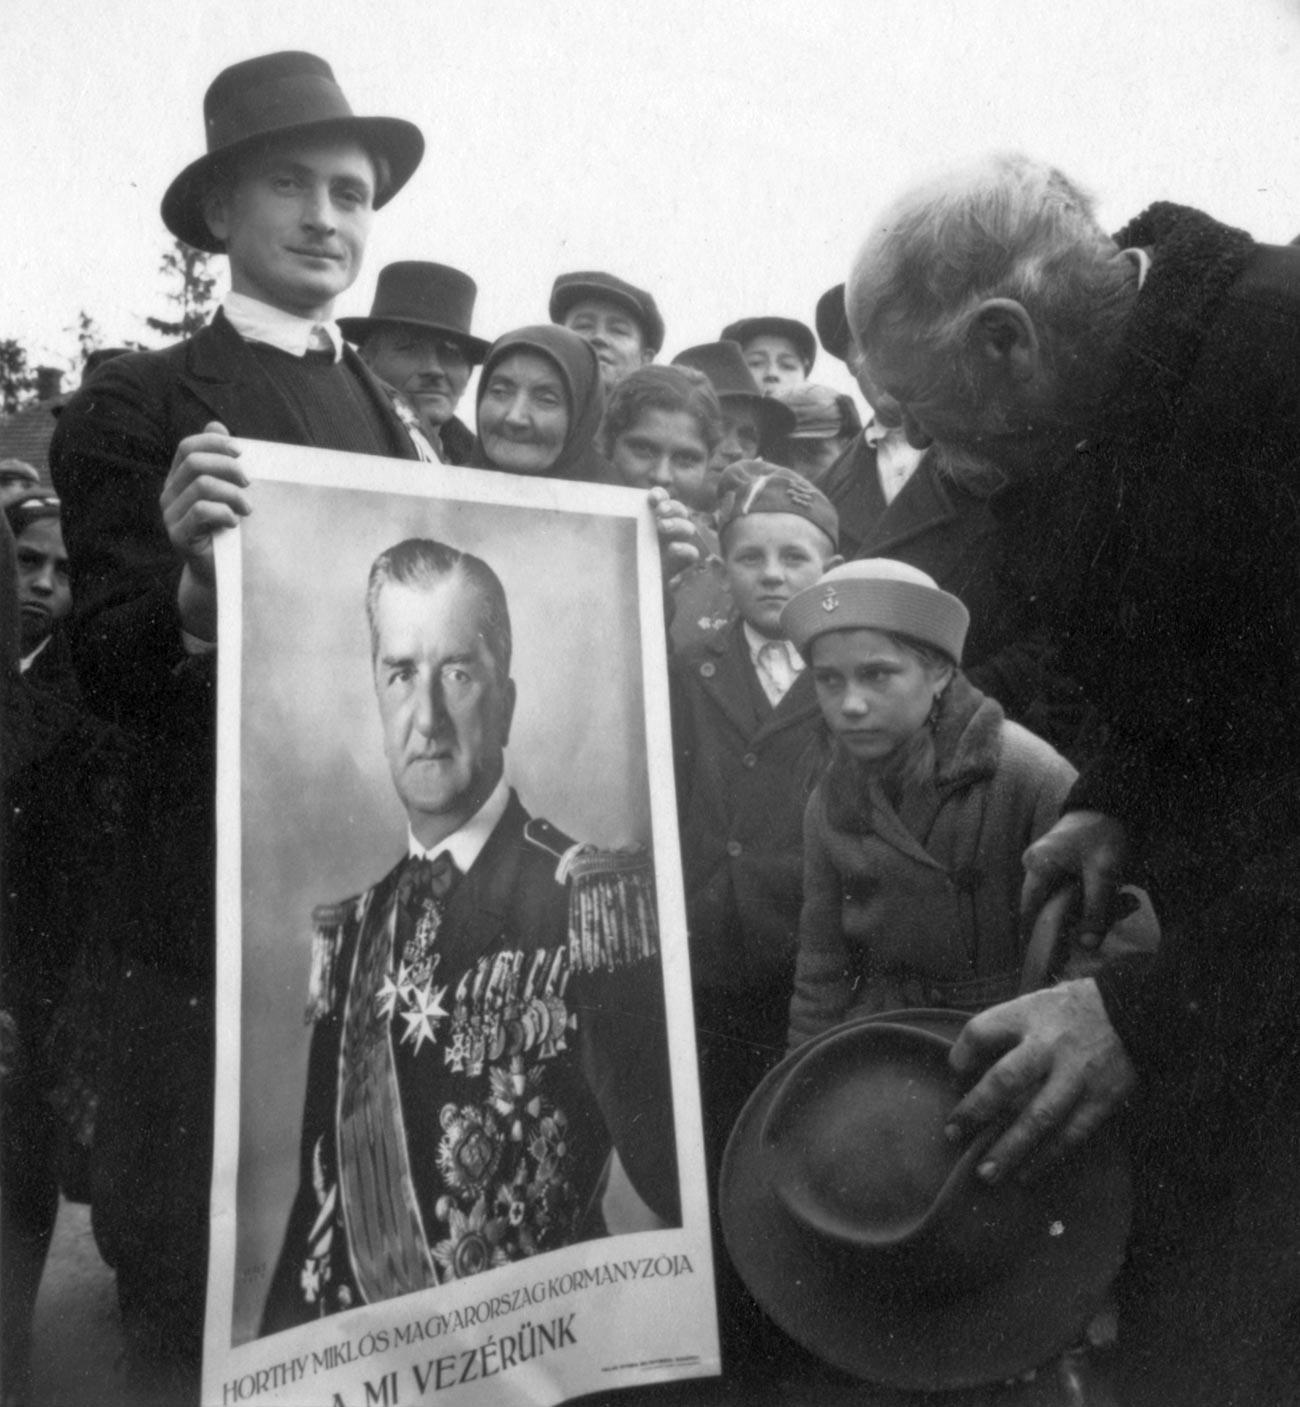 Унгарци со слика на Миклош Хорти.